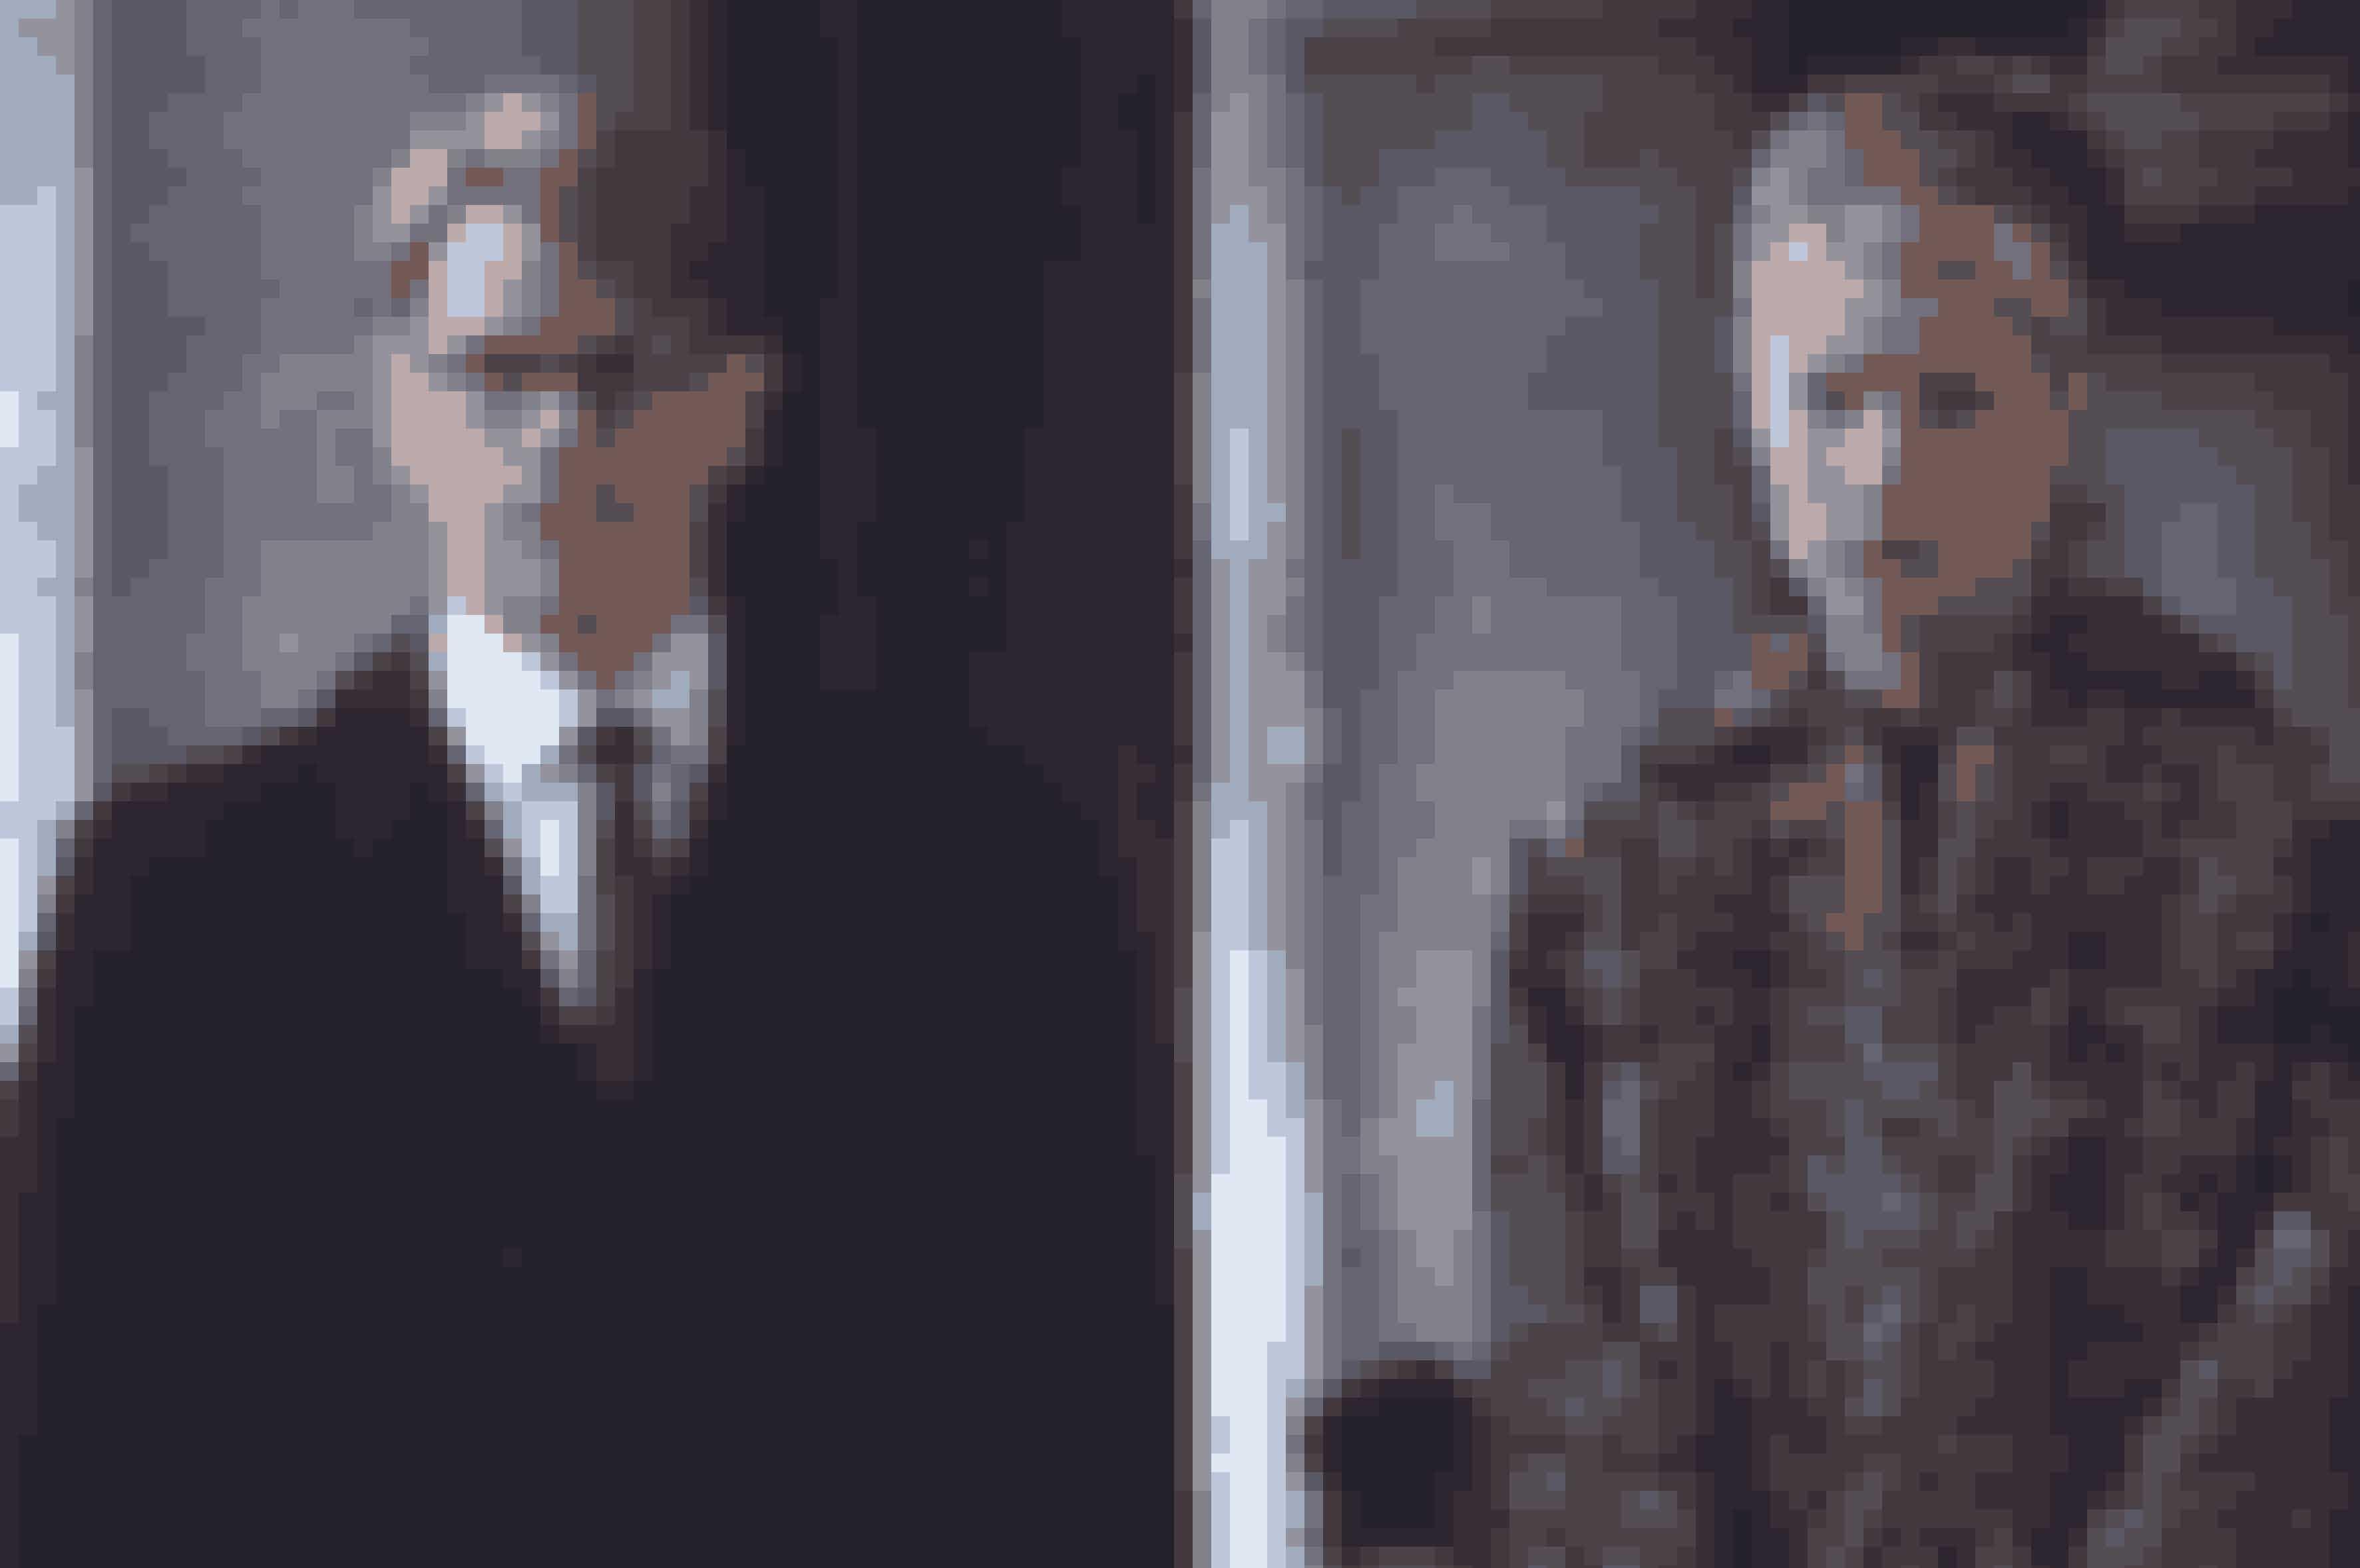 The Talented Mr. Ripley (1999)Matt Damon, Jude Law, Gwyneth Paltrow og Cate Blanchett spiller med i dette drama om overklasselivet i Rom, hvor Matt Damon har rollen som den sociopatiske, morderiske Tom Ripley. Der er virkelig skruet op for glamouren og luksuriøsiteten i dette filmhit.